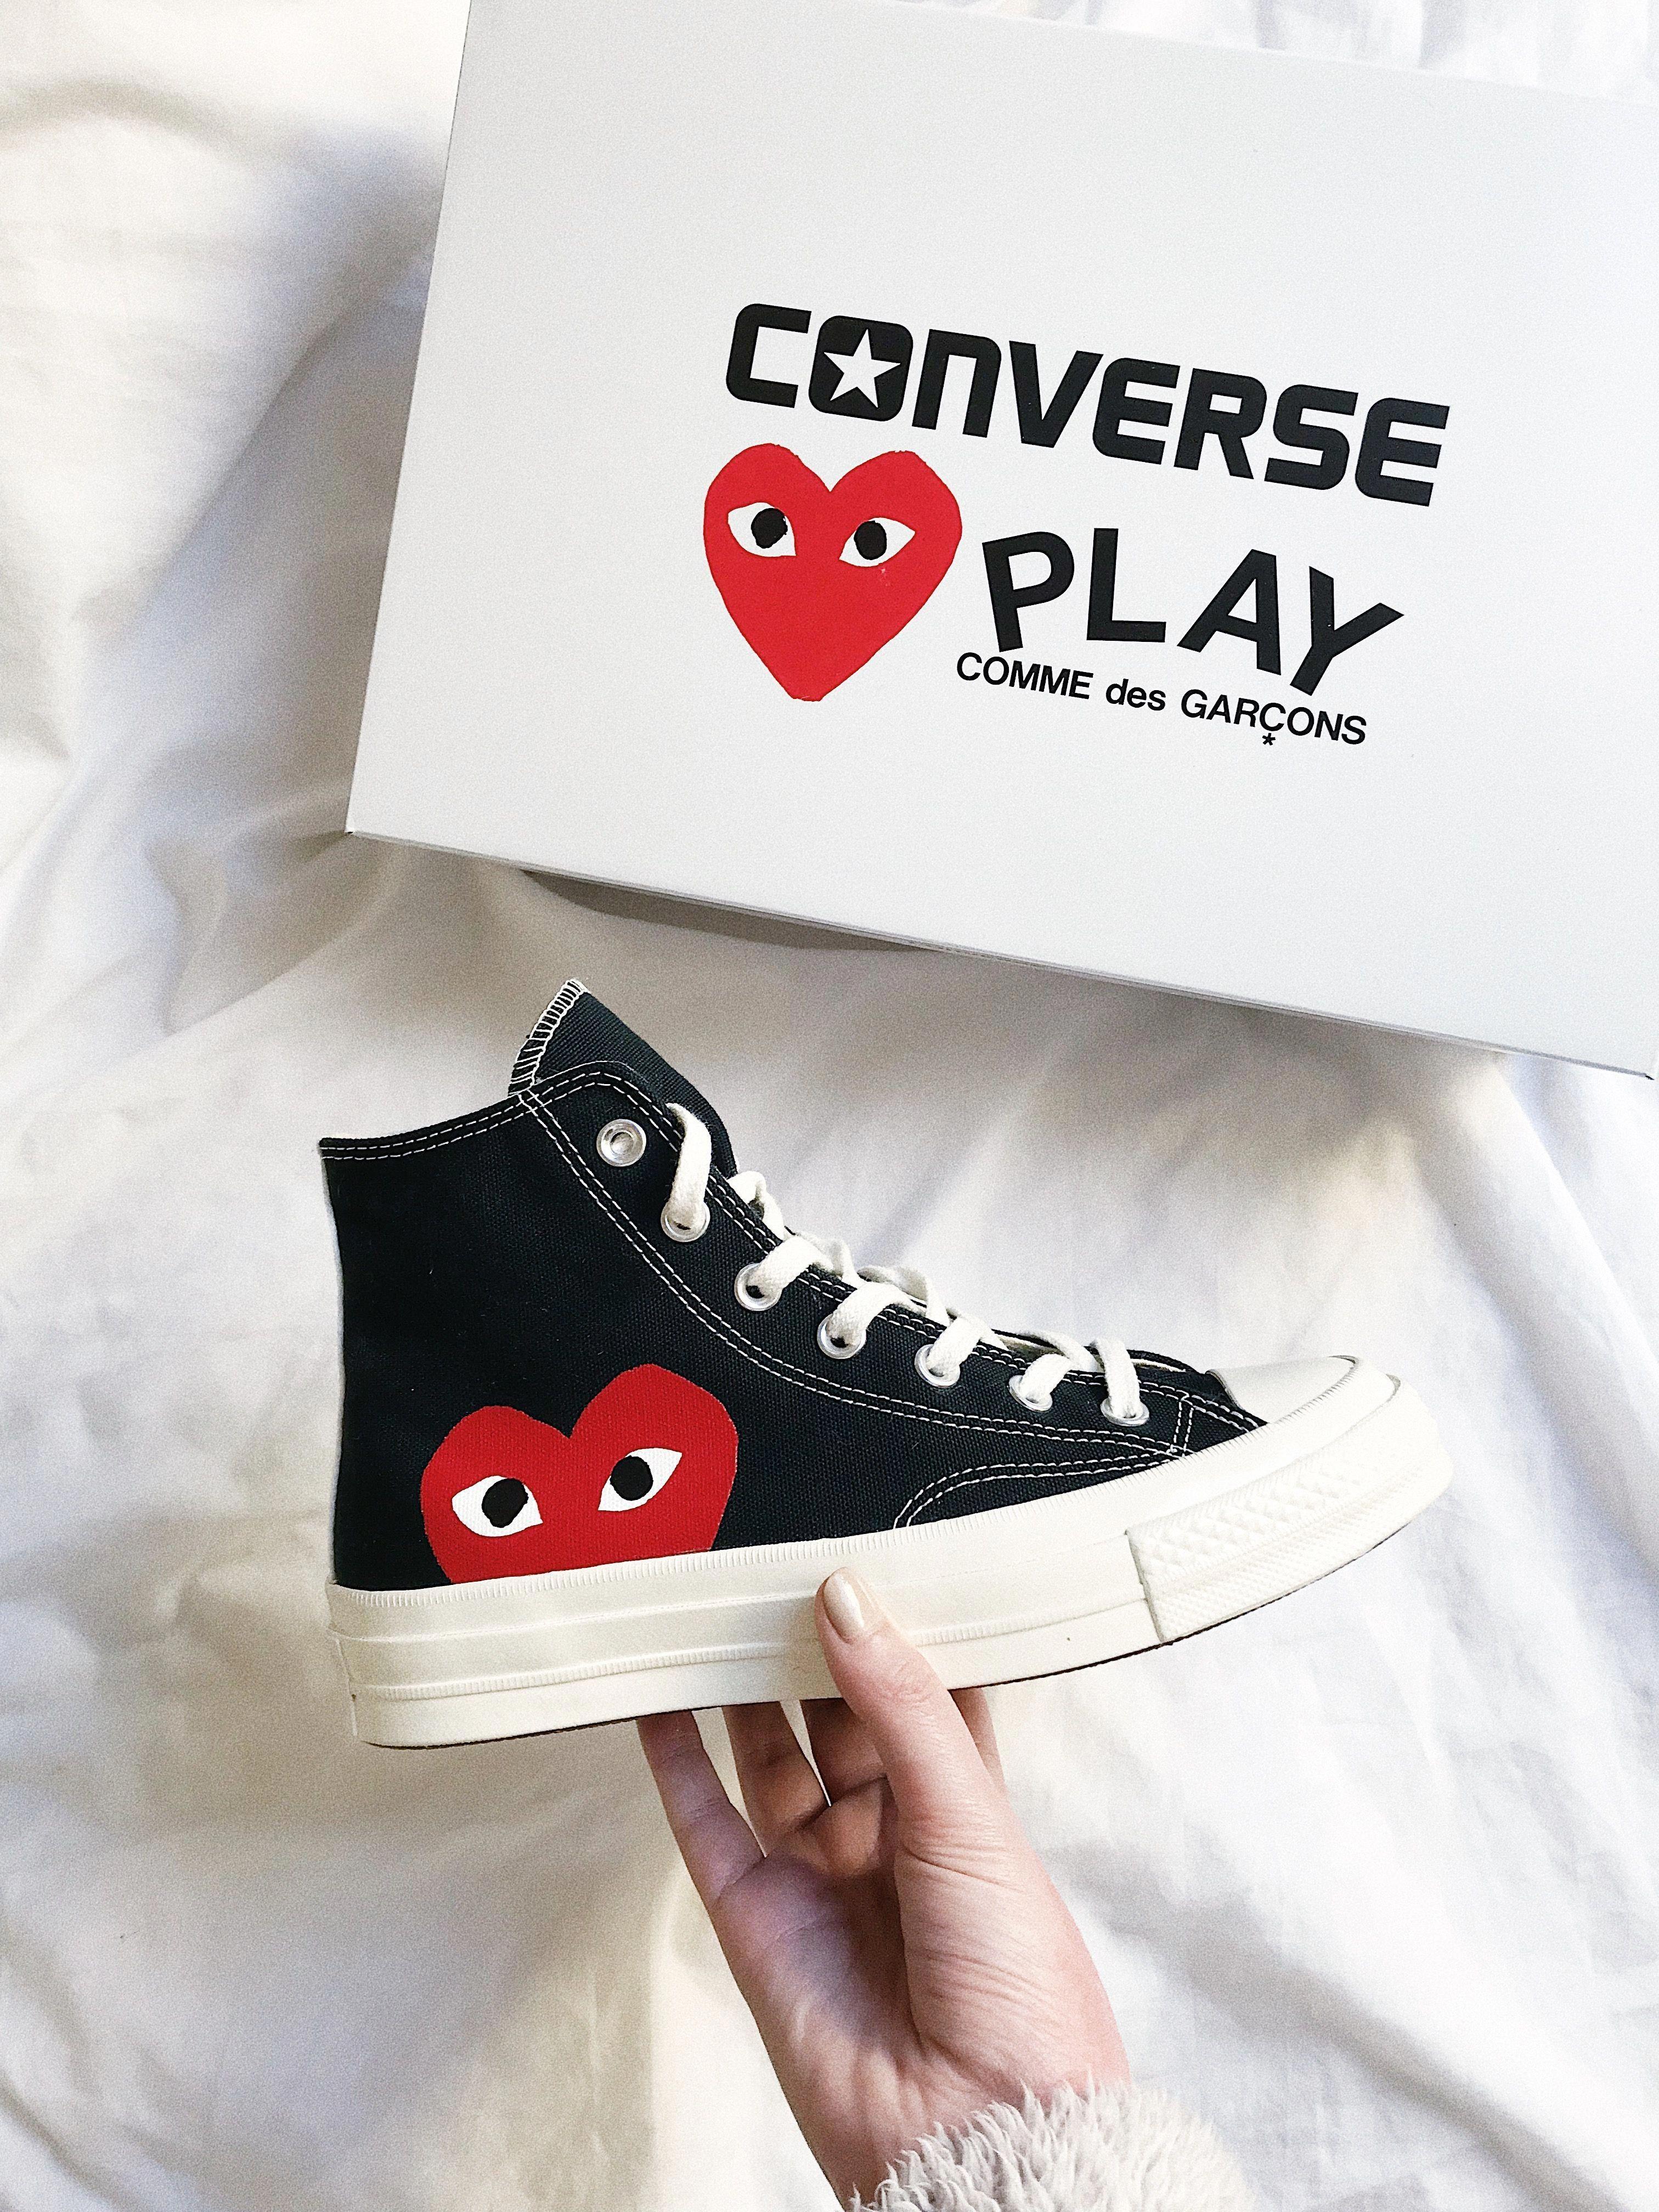 Shoes | Schoenen | sneakers | Converse | Comme Des Garcons ...